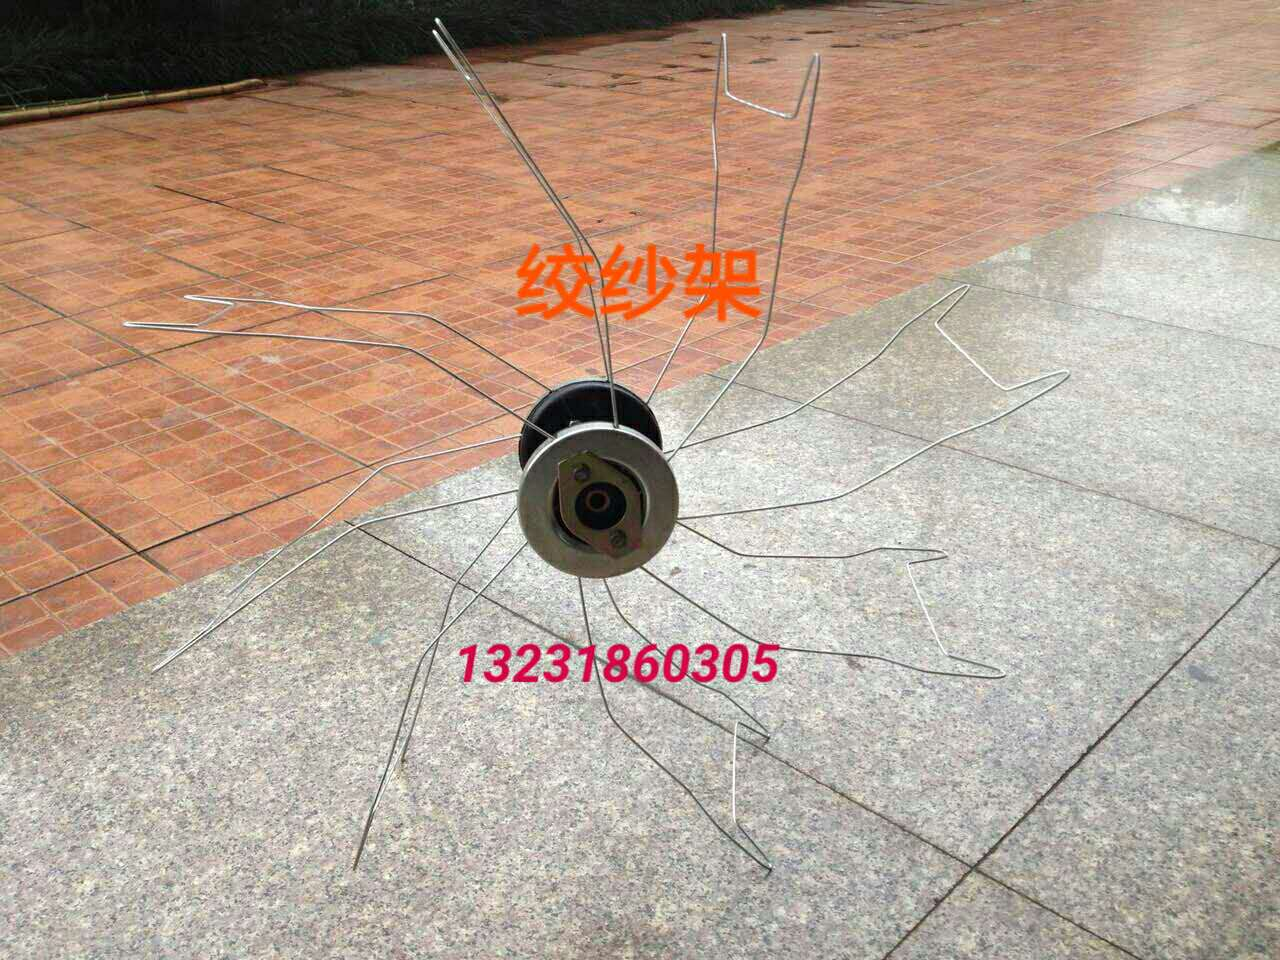 徐州铜山橡胶尼龙件生产厂家主机配套商13231860305